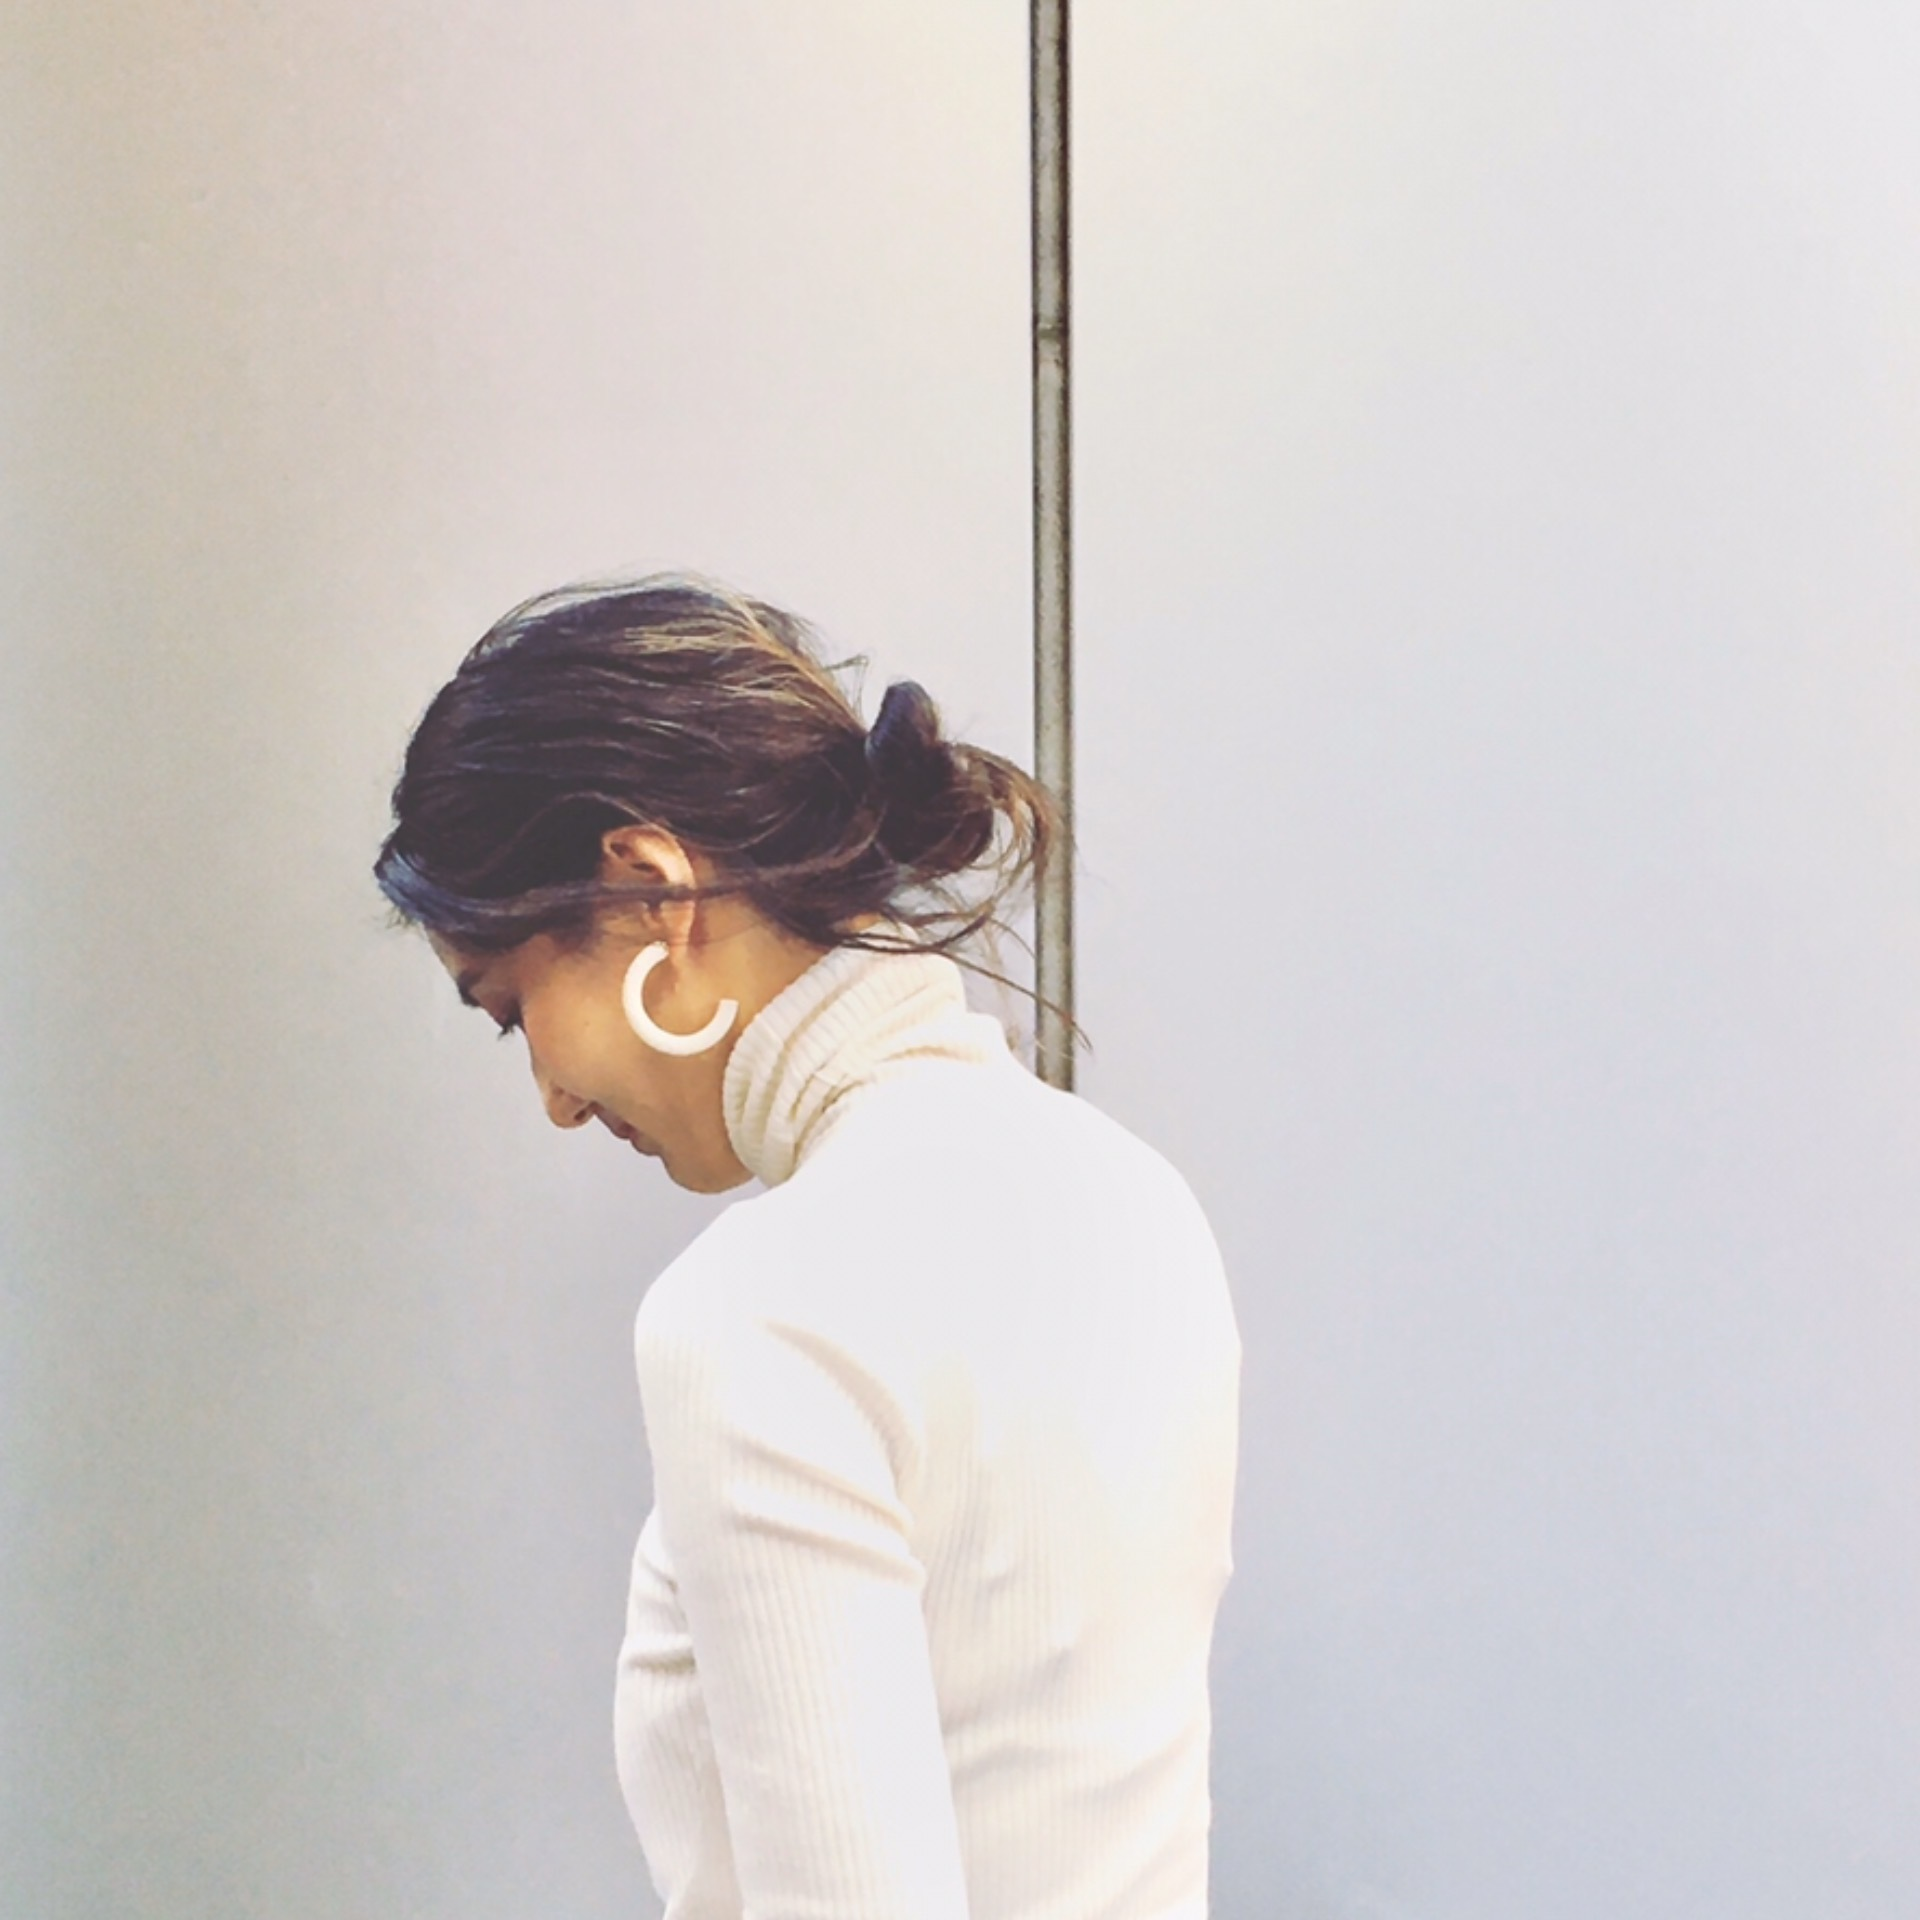 おしゃれプロの地腹買いアイテムからアラフォーのためのコラボスニーカー【ファッション人気記事ランキングトップ10】_1_6